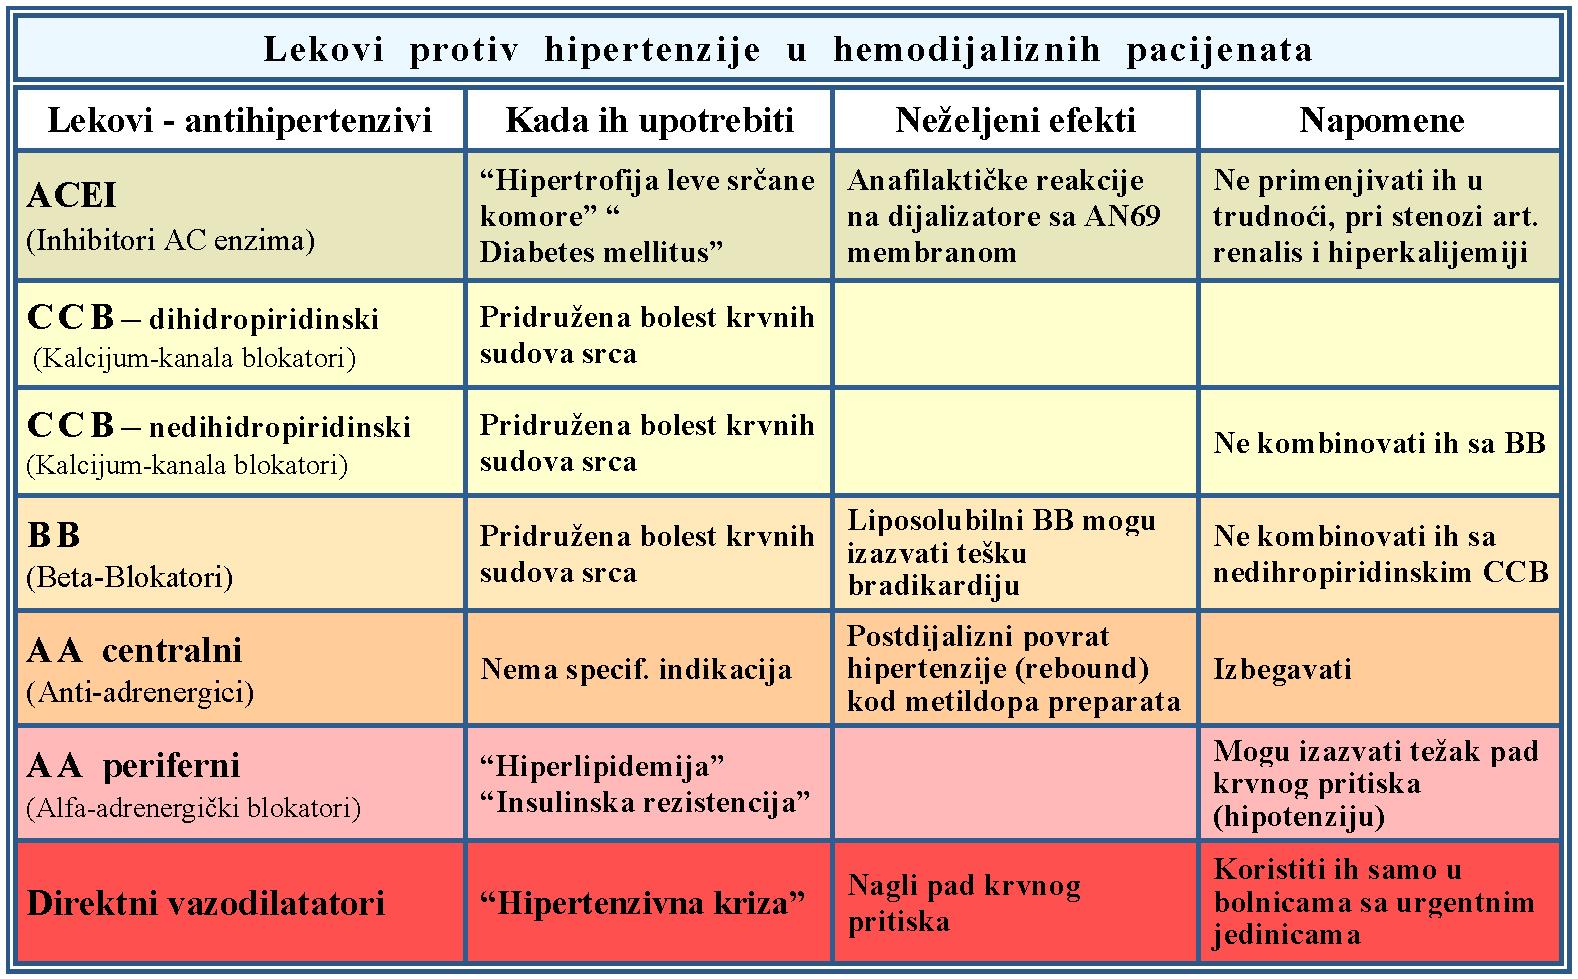 anabolike u hipertenzije lijeve klijetke hipertenzija što je to